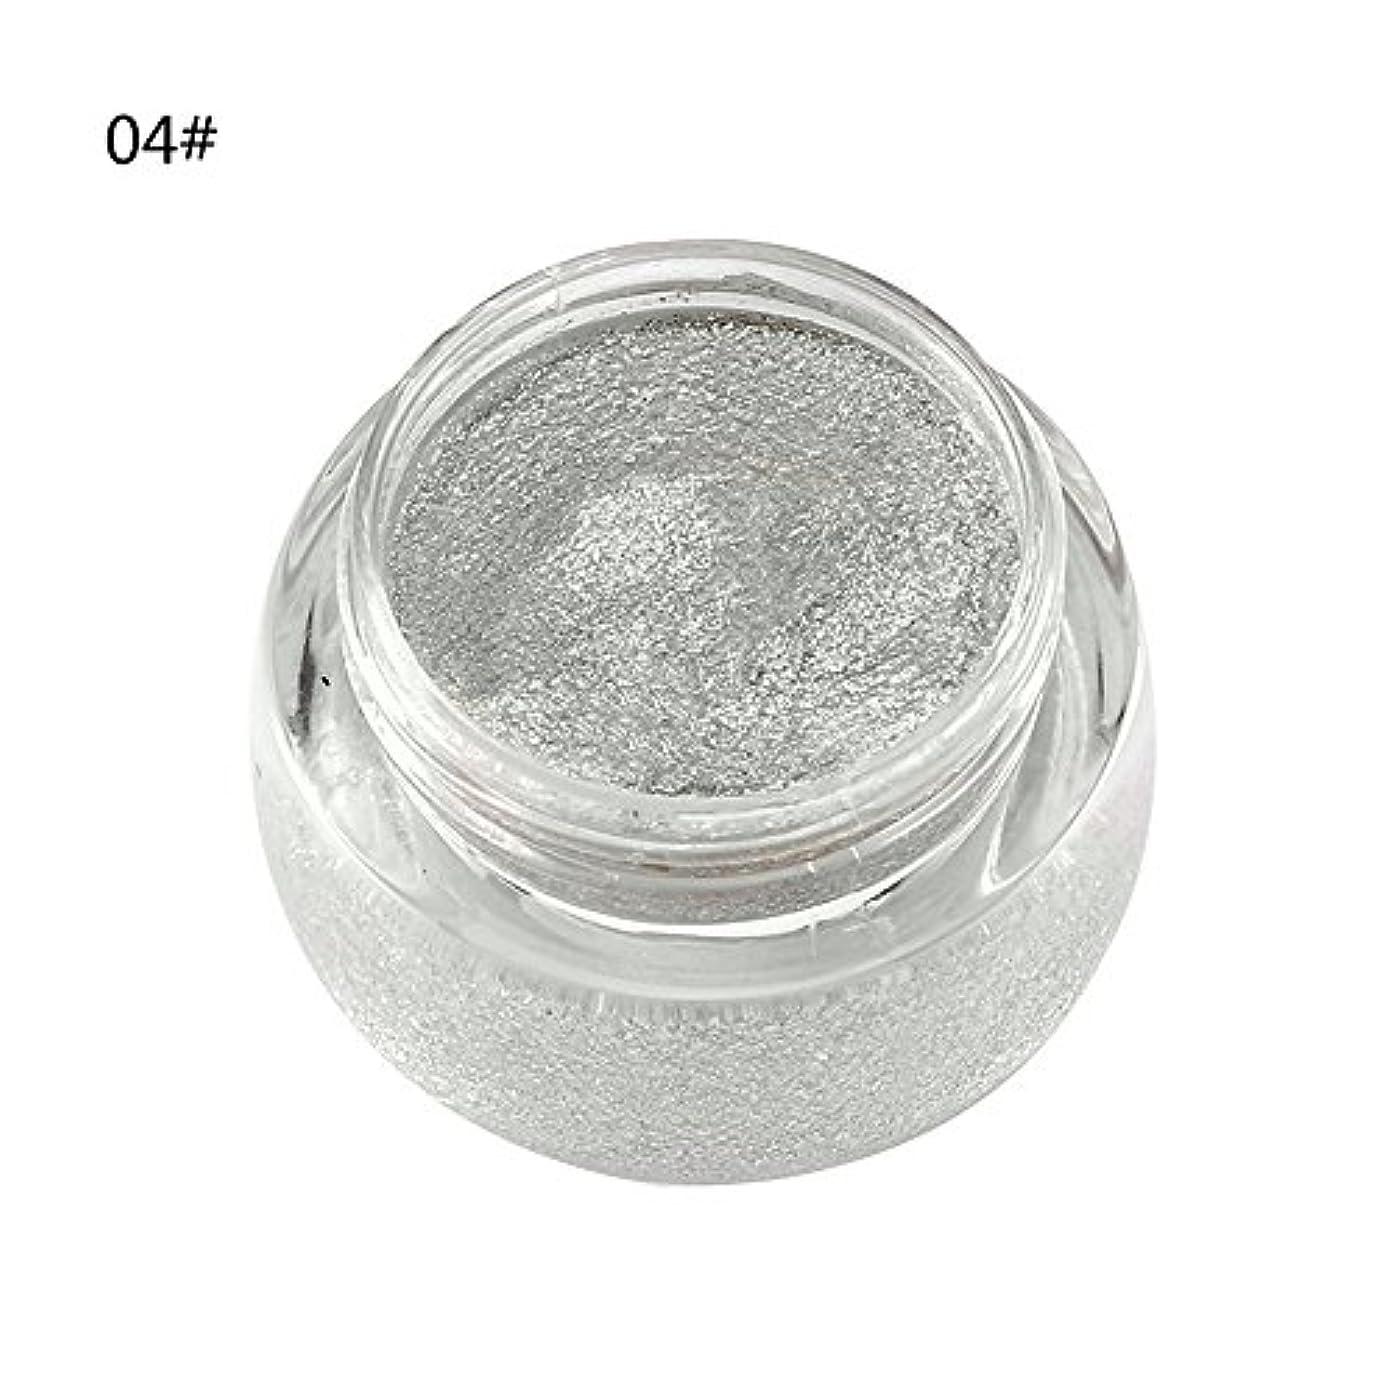 皮肉なサスティーン流用するアイシャドウ 単色 化粧品 光沢 保湿 キラキラ 美しい タイプ 04